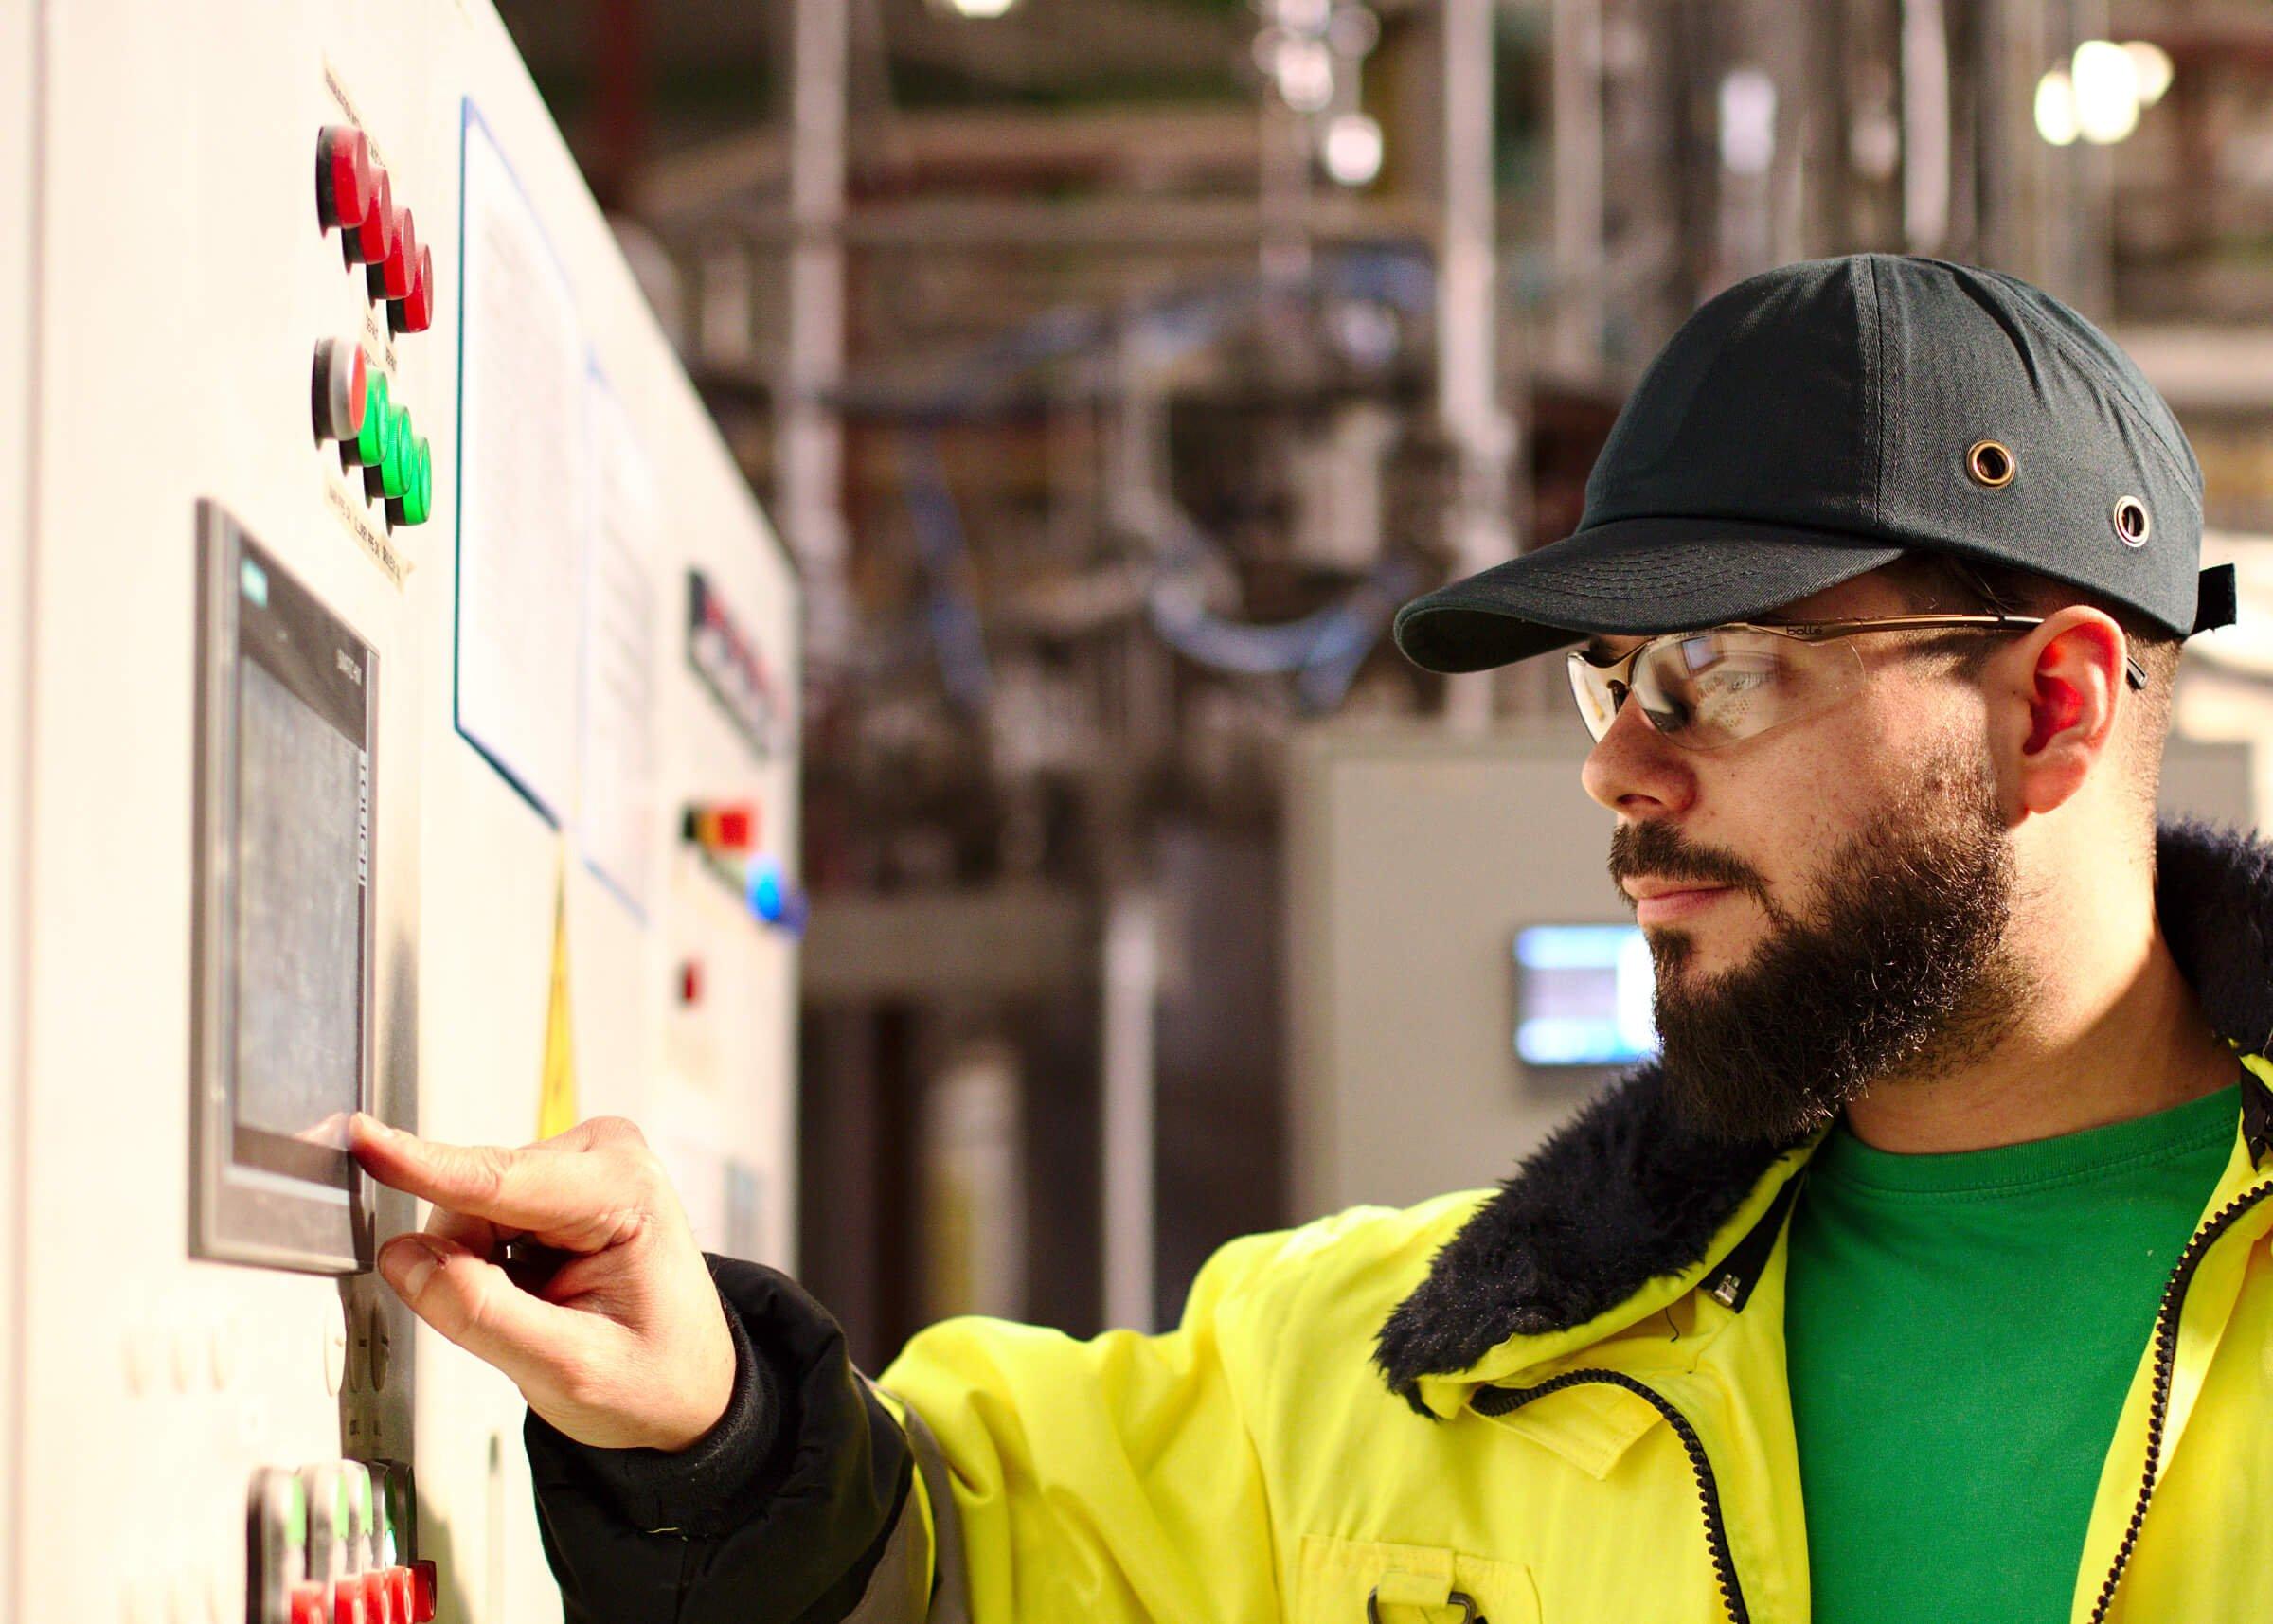 opérateur avec casquette noire et veste jaune devant un panneau de commande